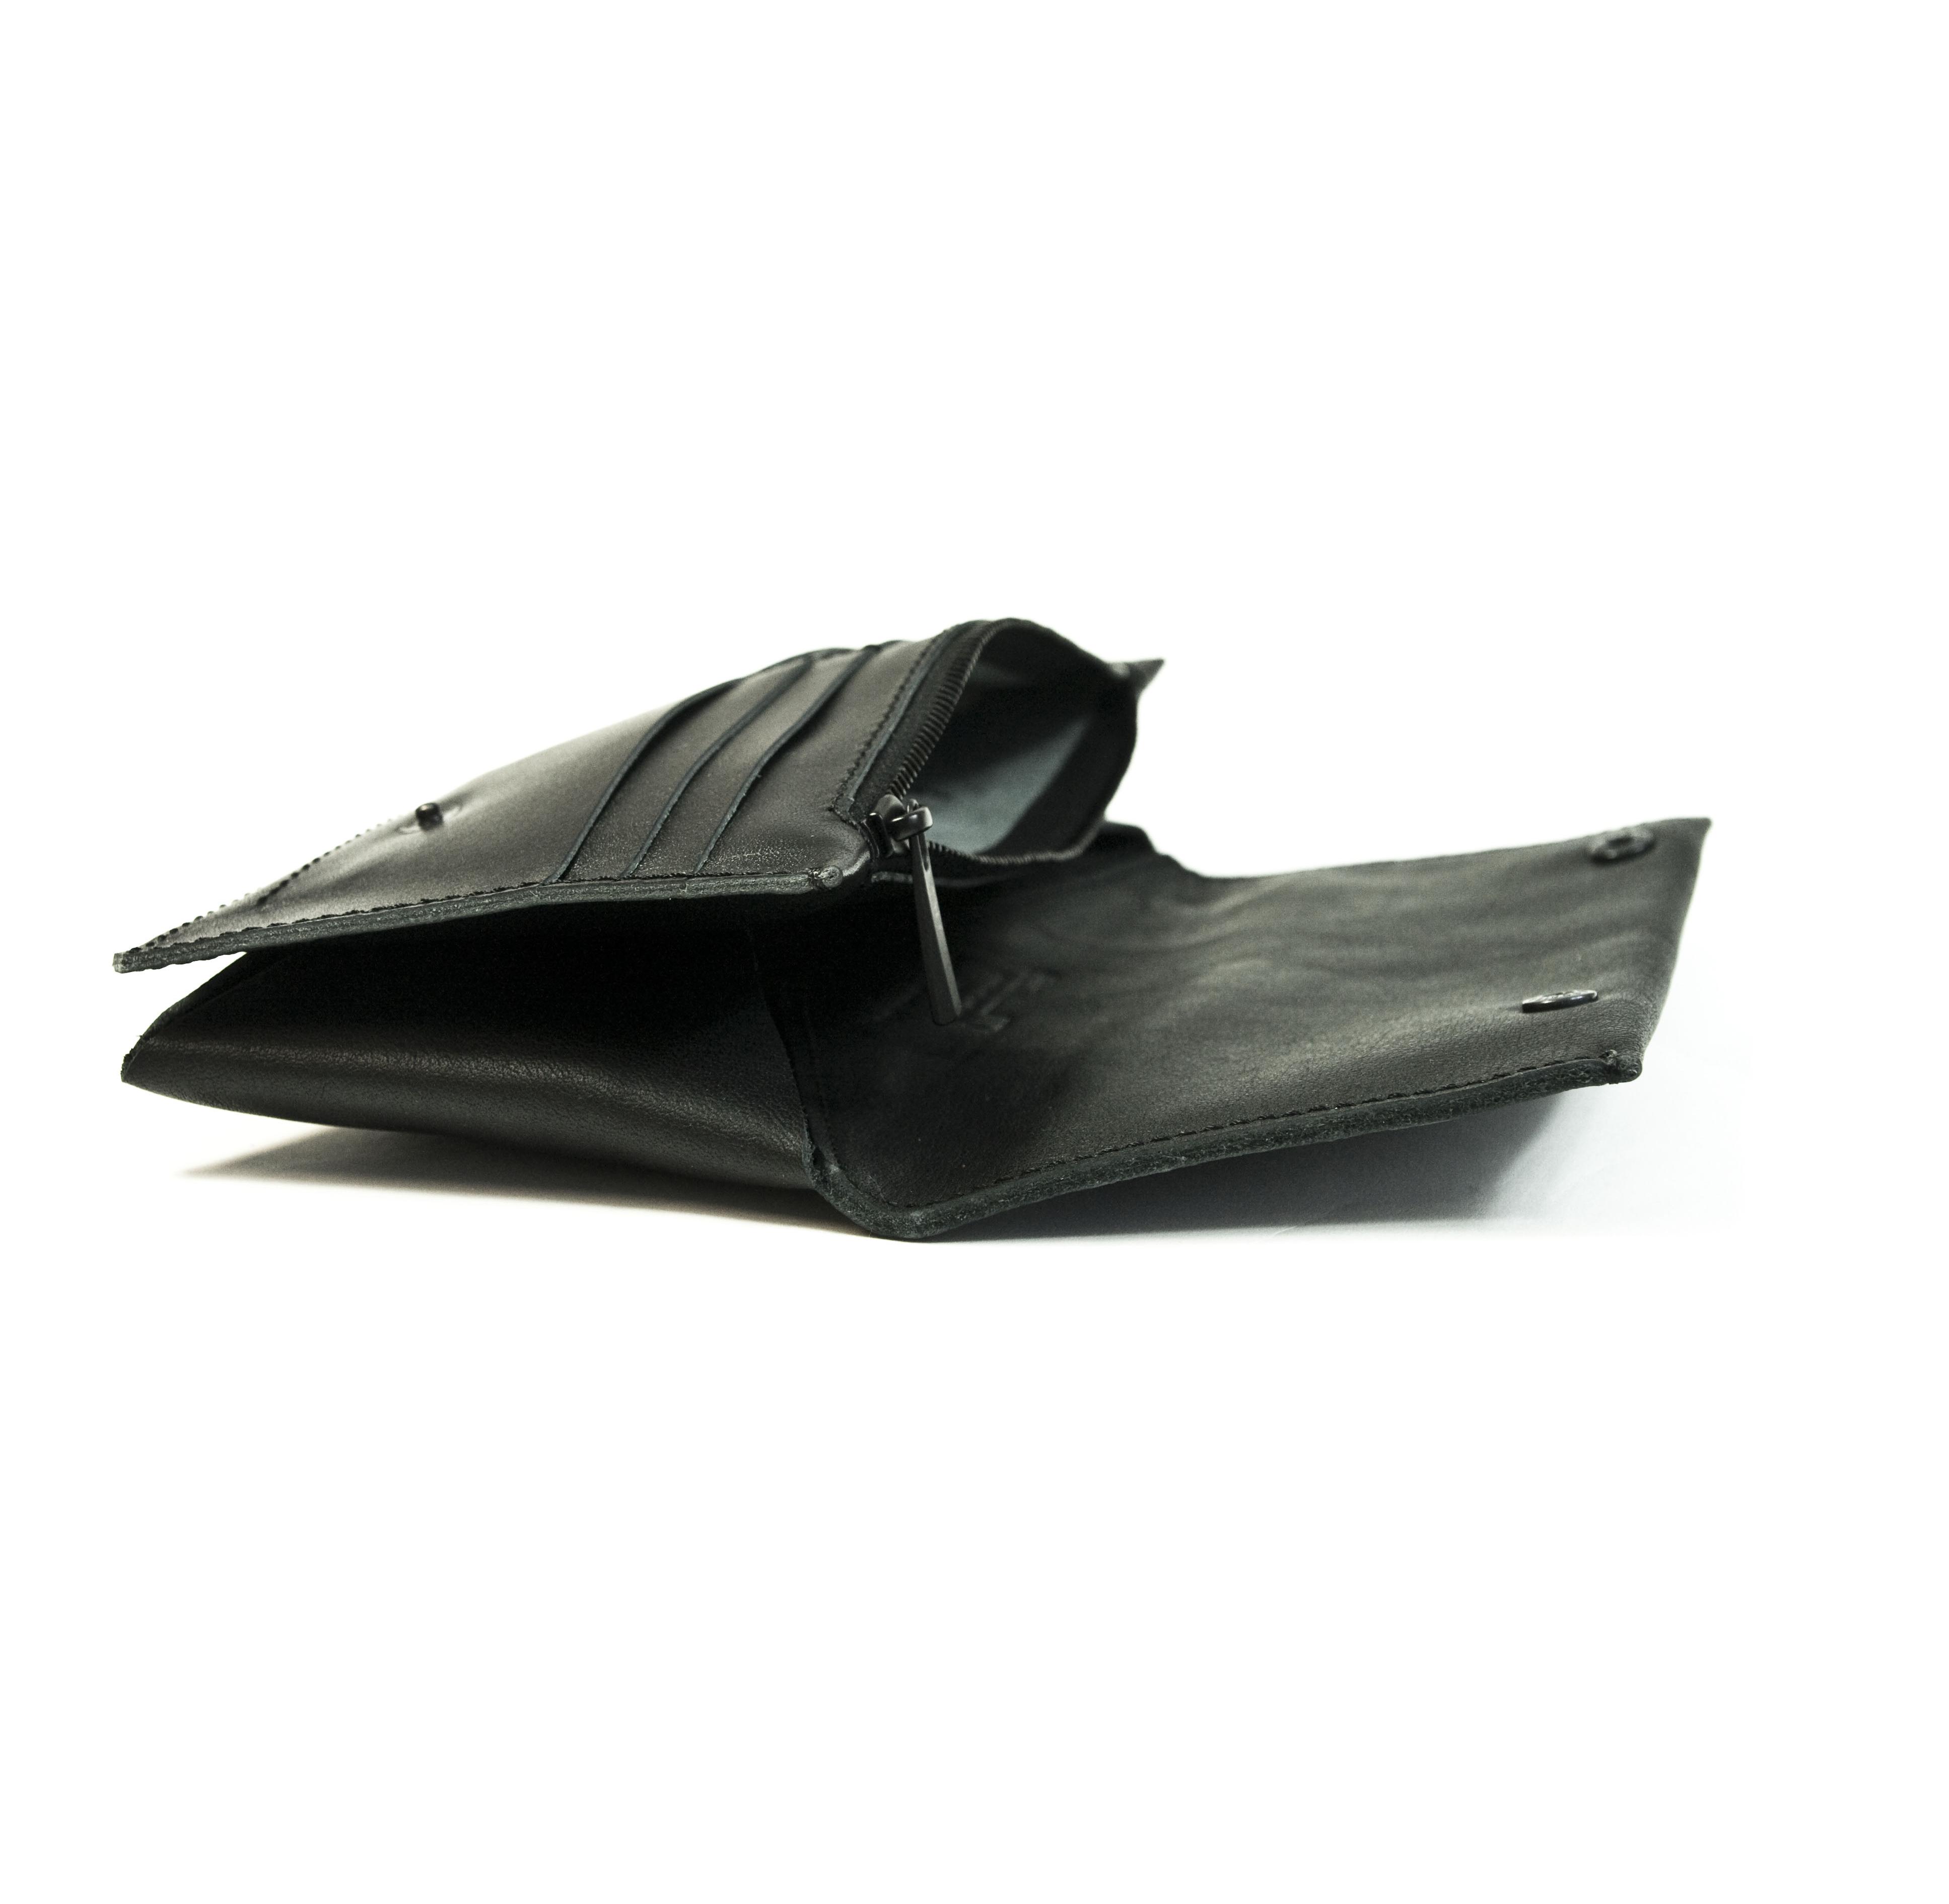 Taimpargitud täisnahast rahakott mobiilitaskuga